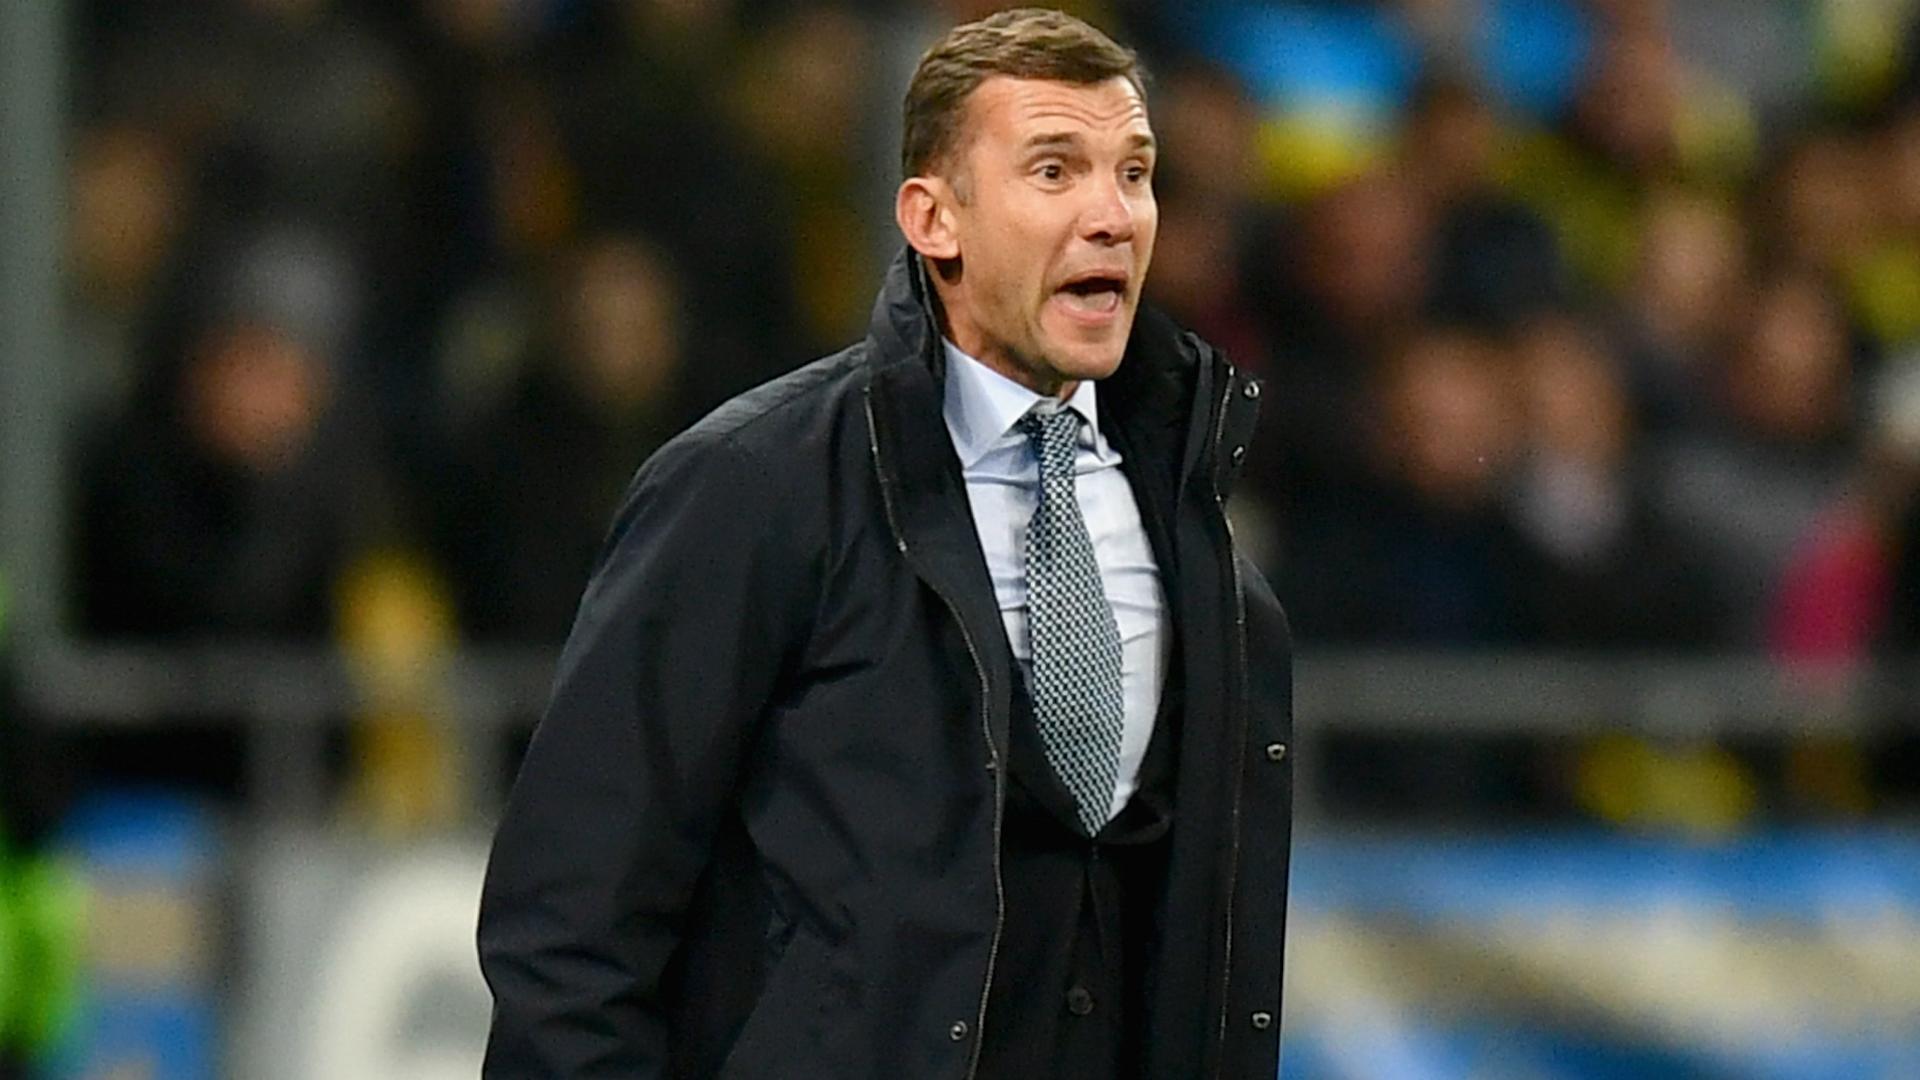 Image result for Andriy Shevchenko news